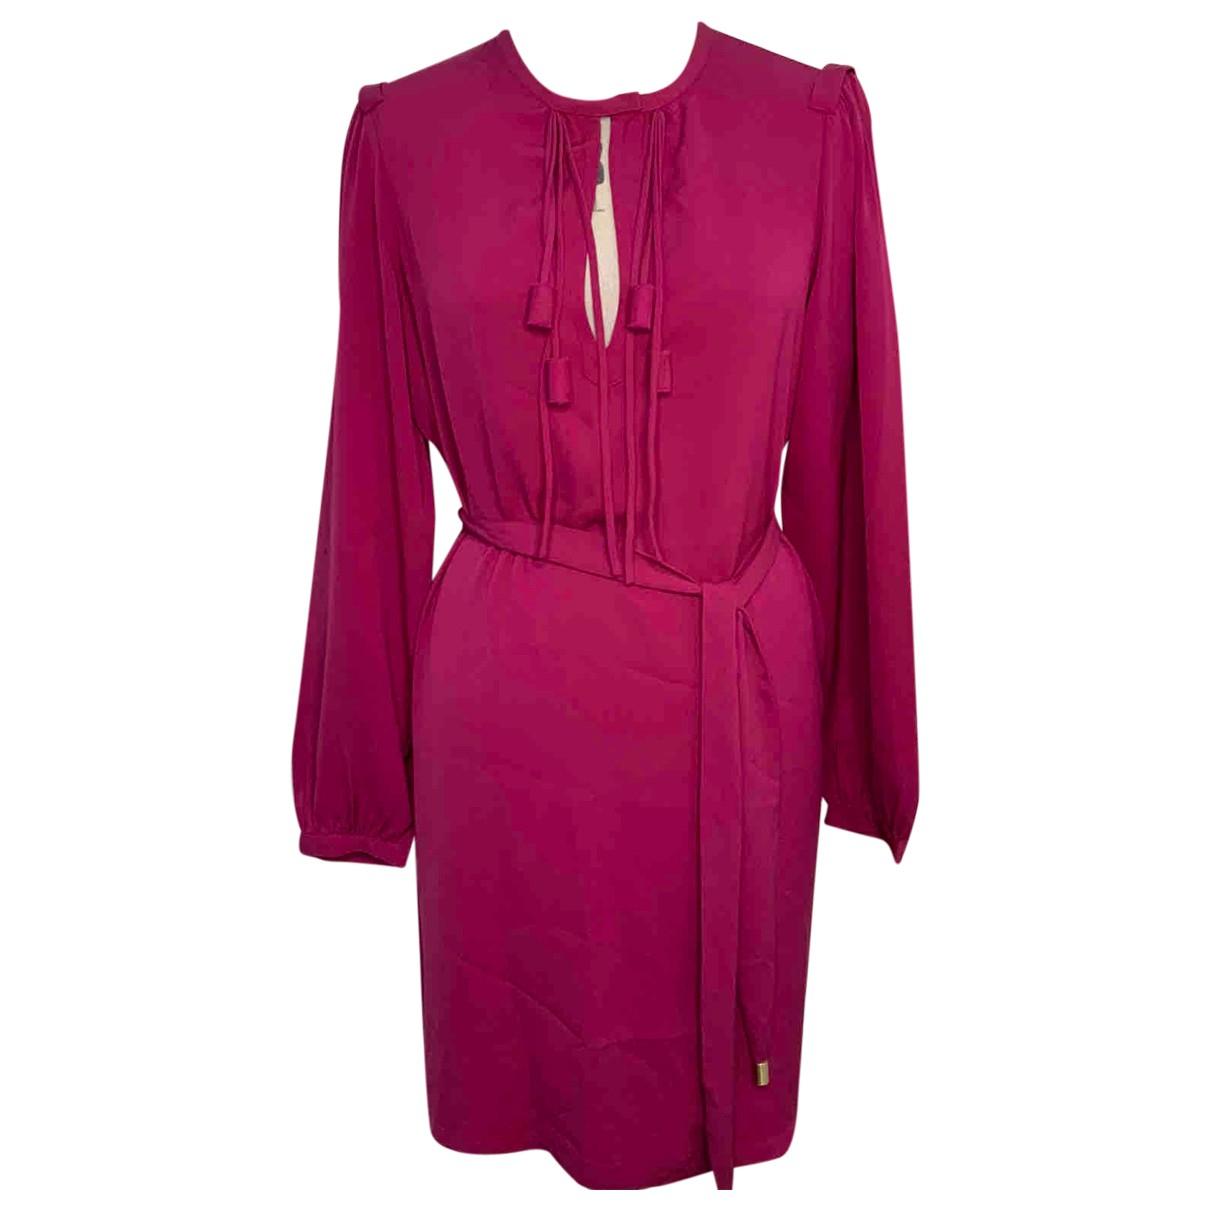 Diane Von Furstenberg N Pink Silk dress for Women 10 US